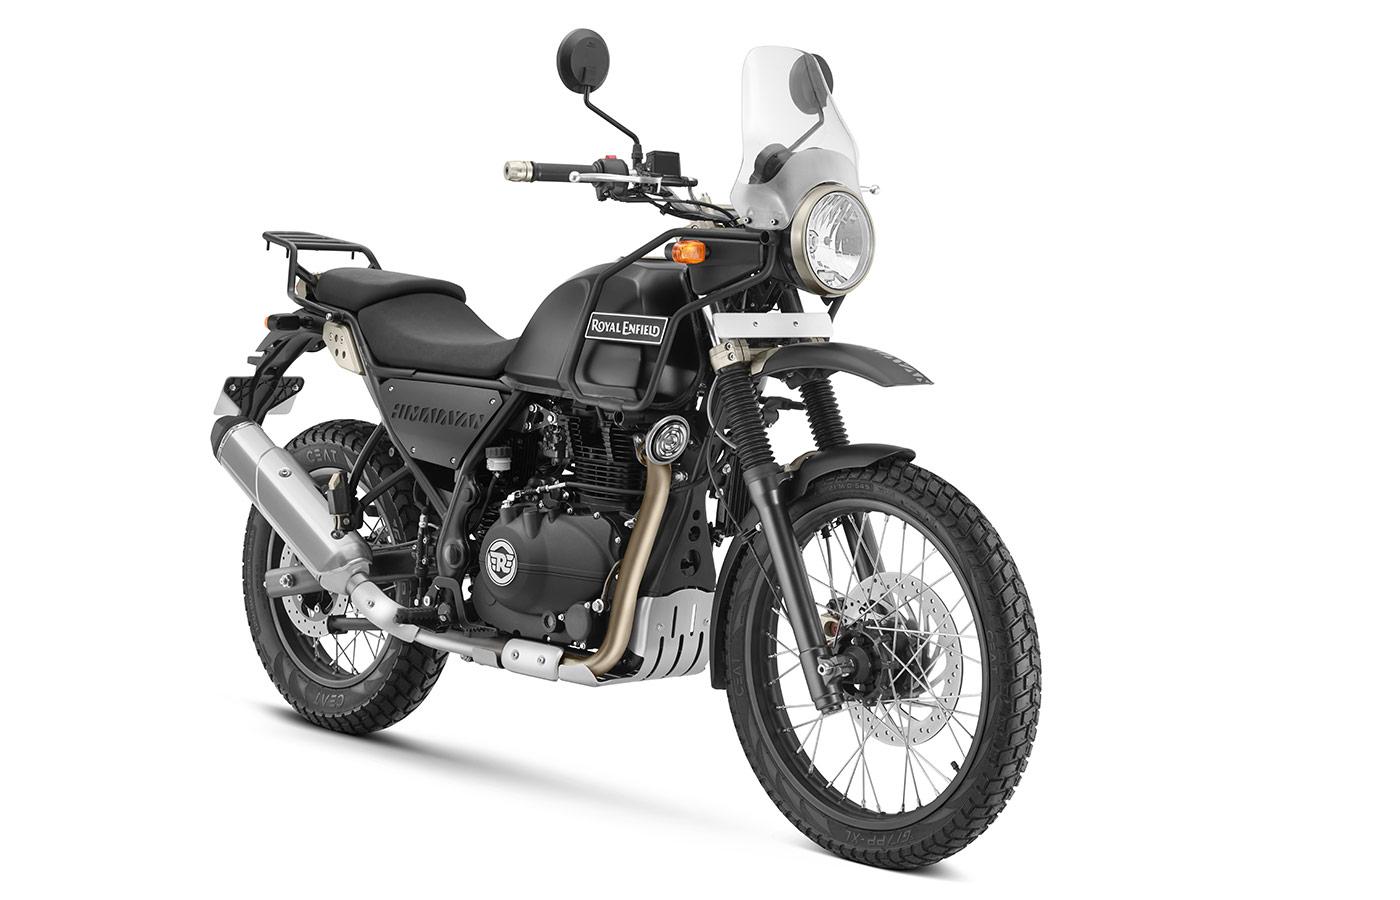 Fiable i senzilla, és una moto ideal per l'aventura